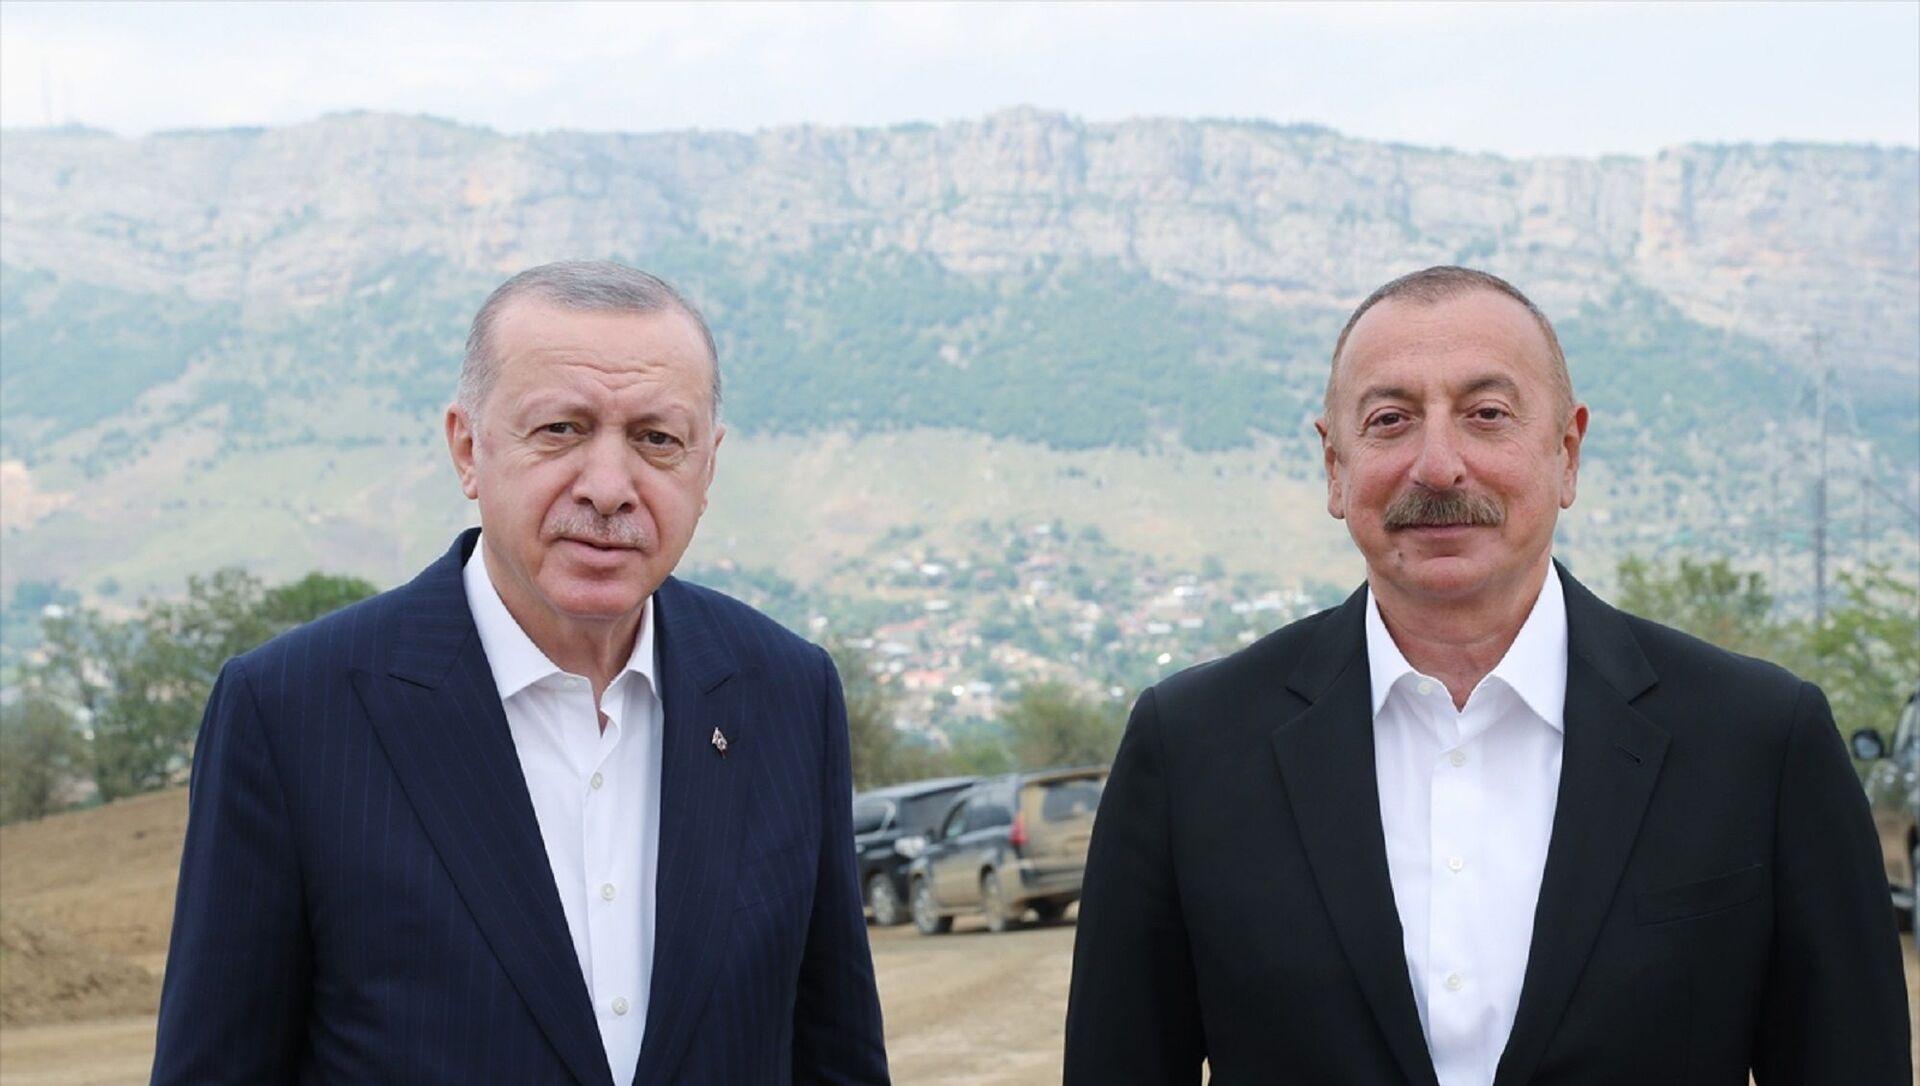 Türkiye Cumhurbaşkanı Recep Tayyip Erdoğan, Dağlık Karabağ'ın Şuşa şehrine geldi. Erdoğan, burada Azerbaycan Cumhurbaşkanı İlham Aliyev ile sohbet etti. - Sputnik Türkiye, 1920, 06.08.2021